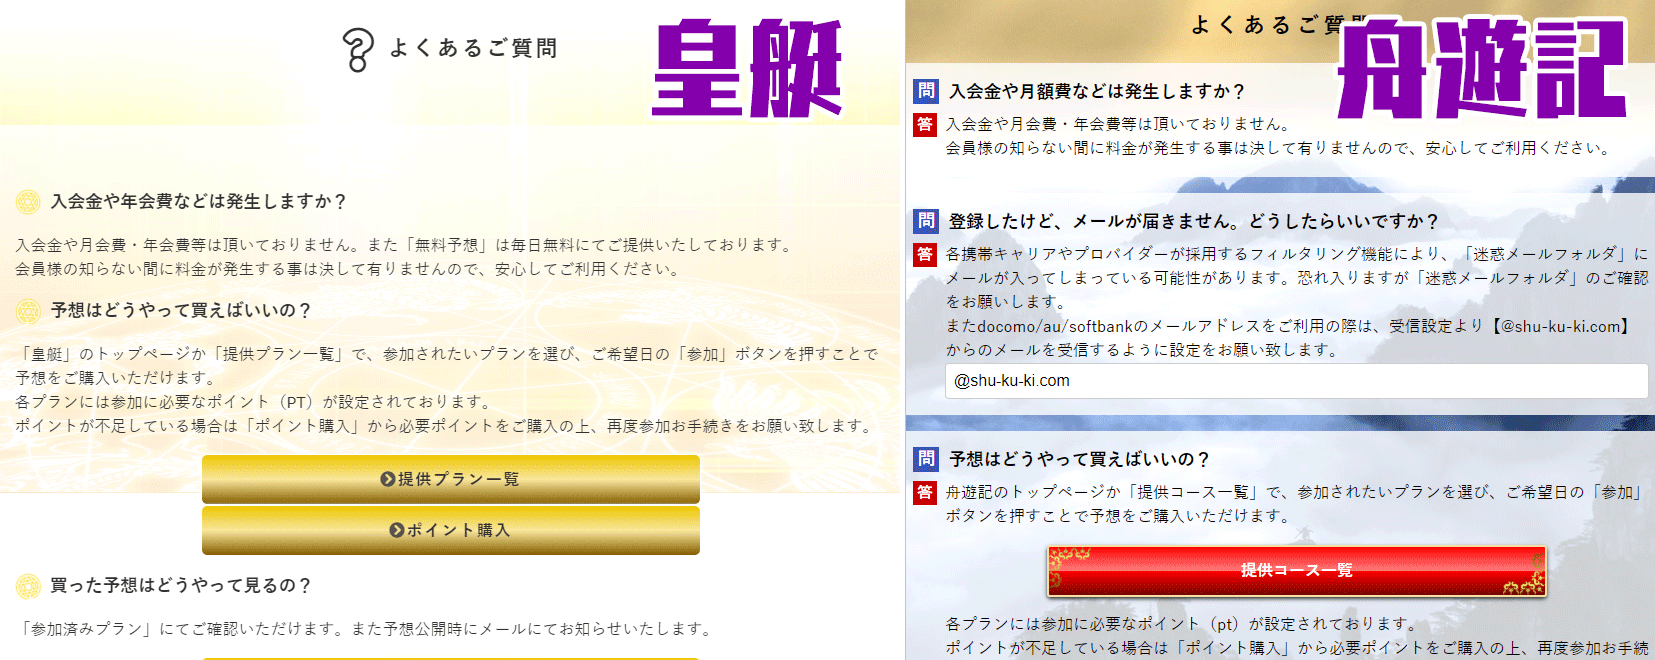 悪徳 舟遊記(しゅうゆうき) 競艇予想サイトの口コミ検証や無料情報の予想結果も公開中 「よくある質問」の内容も皇艇と同じ。